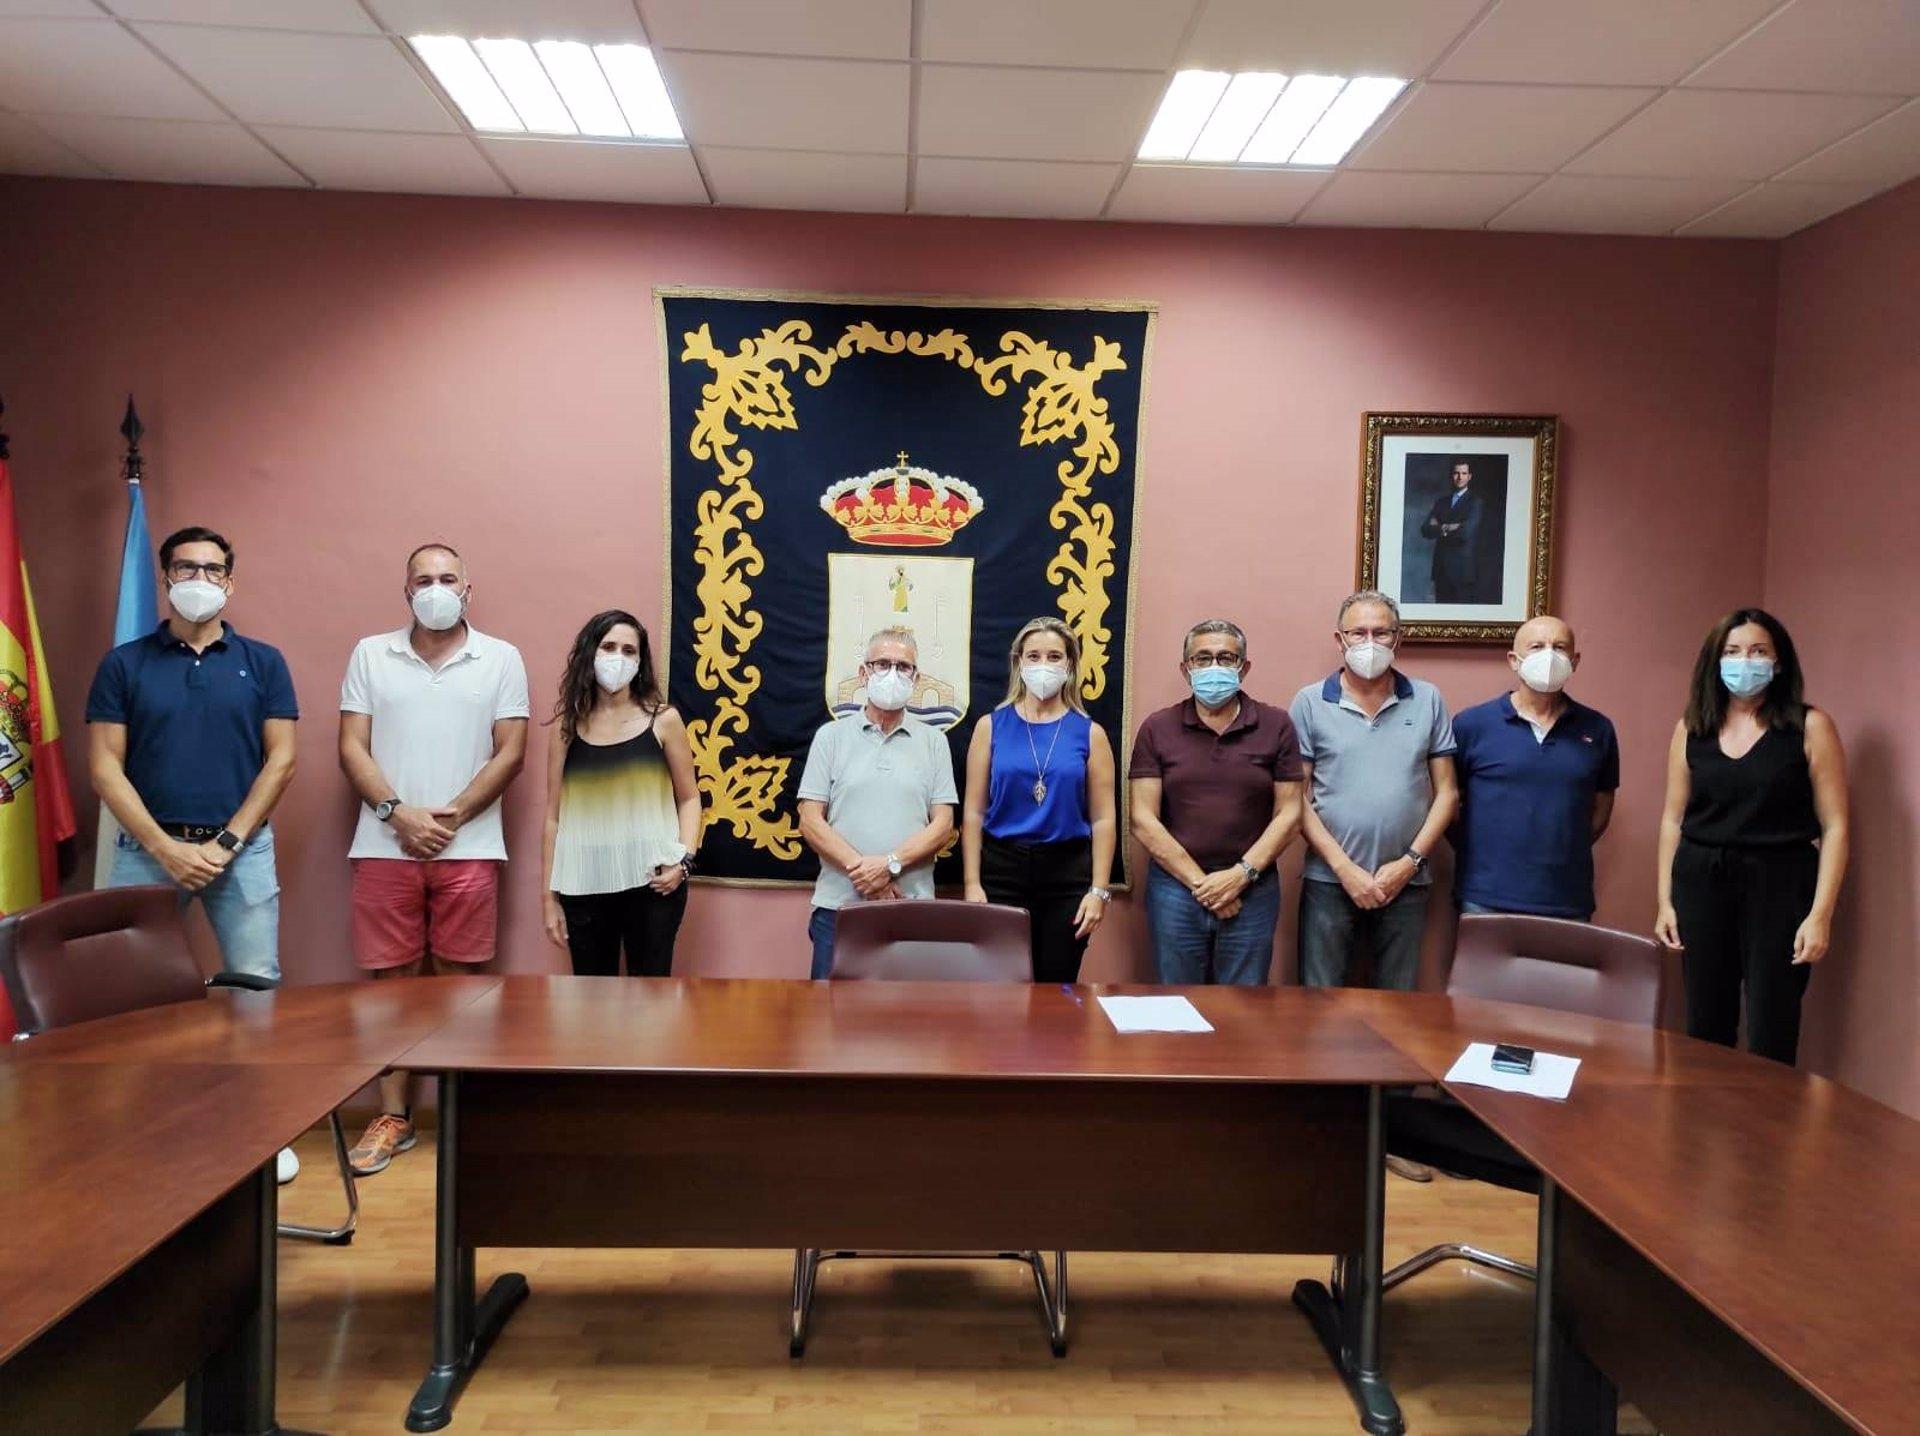 Acuerdo para la jubilación parcial de empleados del Ayuntamiento de Alcalá de Guadaíra